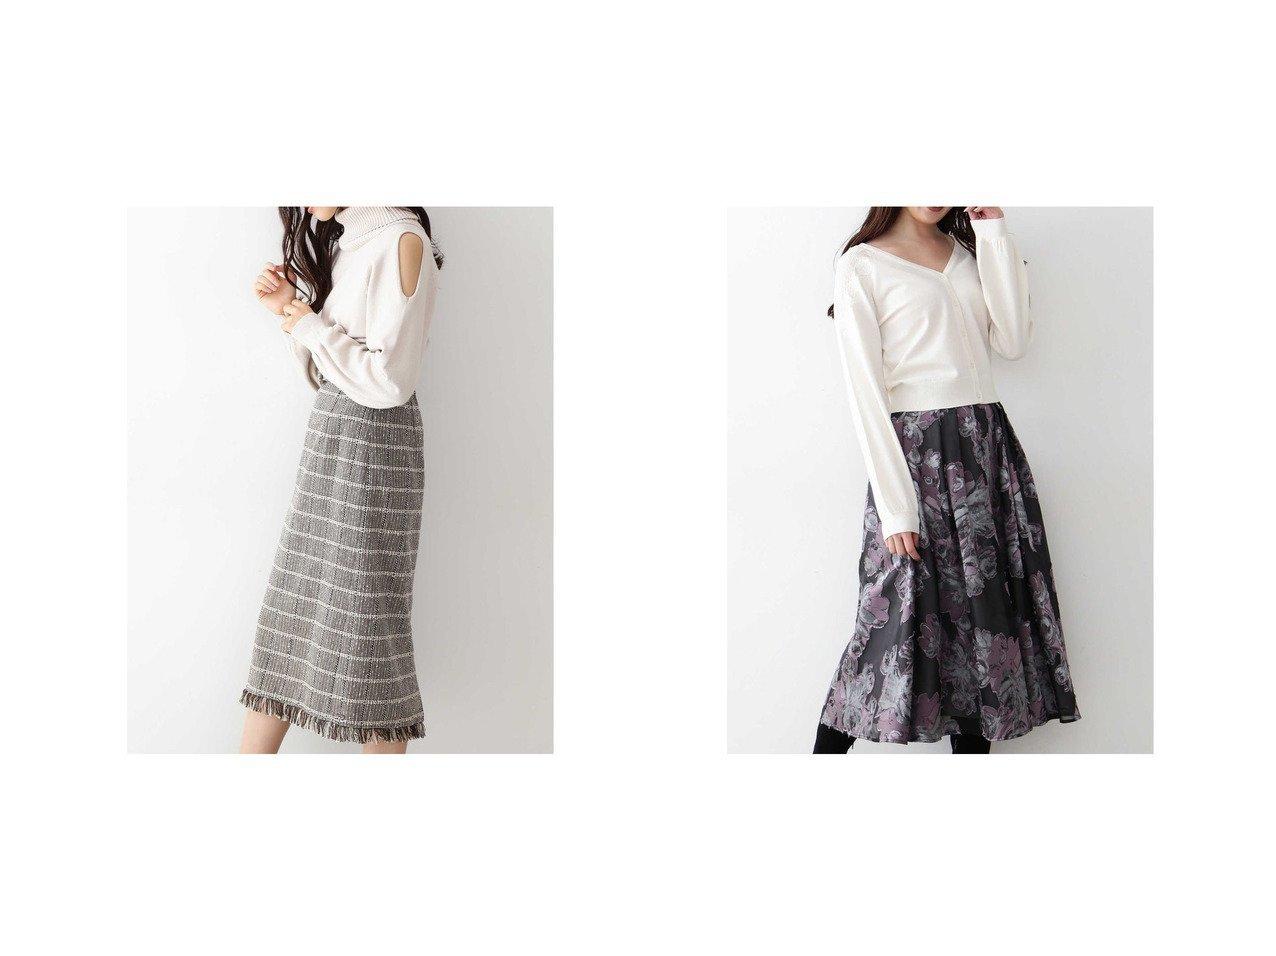 【JILL by JILLSTUART/ジルバイジルスチュアート】のスリットニット×フリンジチェックスカートセット&シアージャガードスカート ミントグレー スカートのおすすめ!人気、レディースファッションの通販 おすすめで人気のファッション通販商品 インテリア・家具・キッズファッション・メンズファッション・レディースファッション・服の通販 founy(ファニー) https://founy.com/ ファッション Fashion レディース WOMEN スカート Skirt ショルダー スリット タートル ボトム 冬 Winter クラシカル フェミニン フレア  ID:crp329100000003171